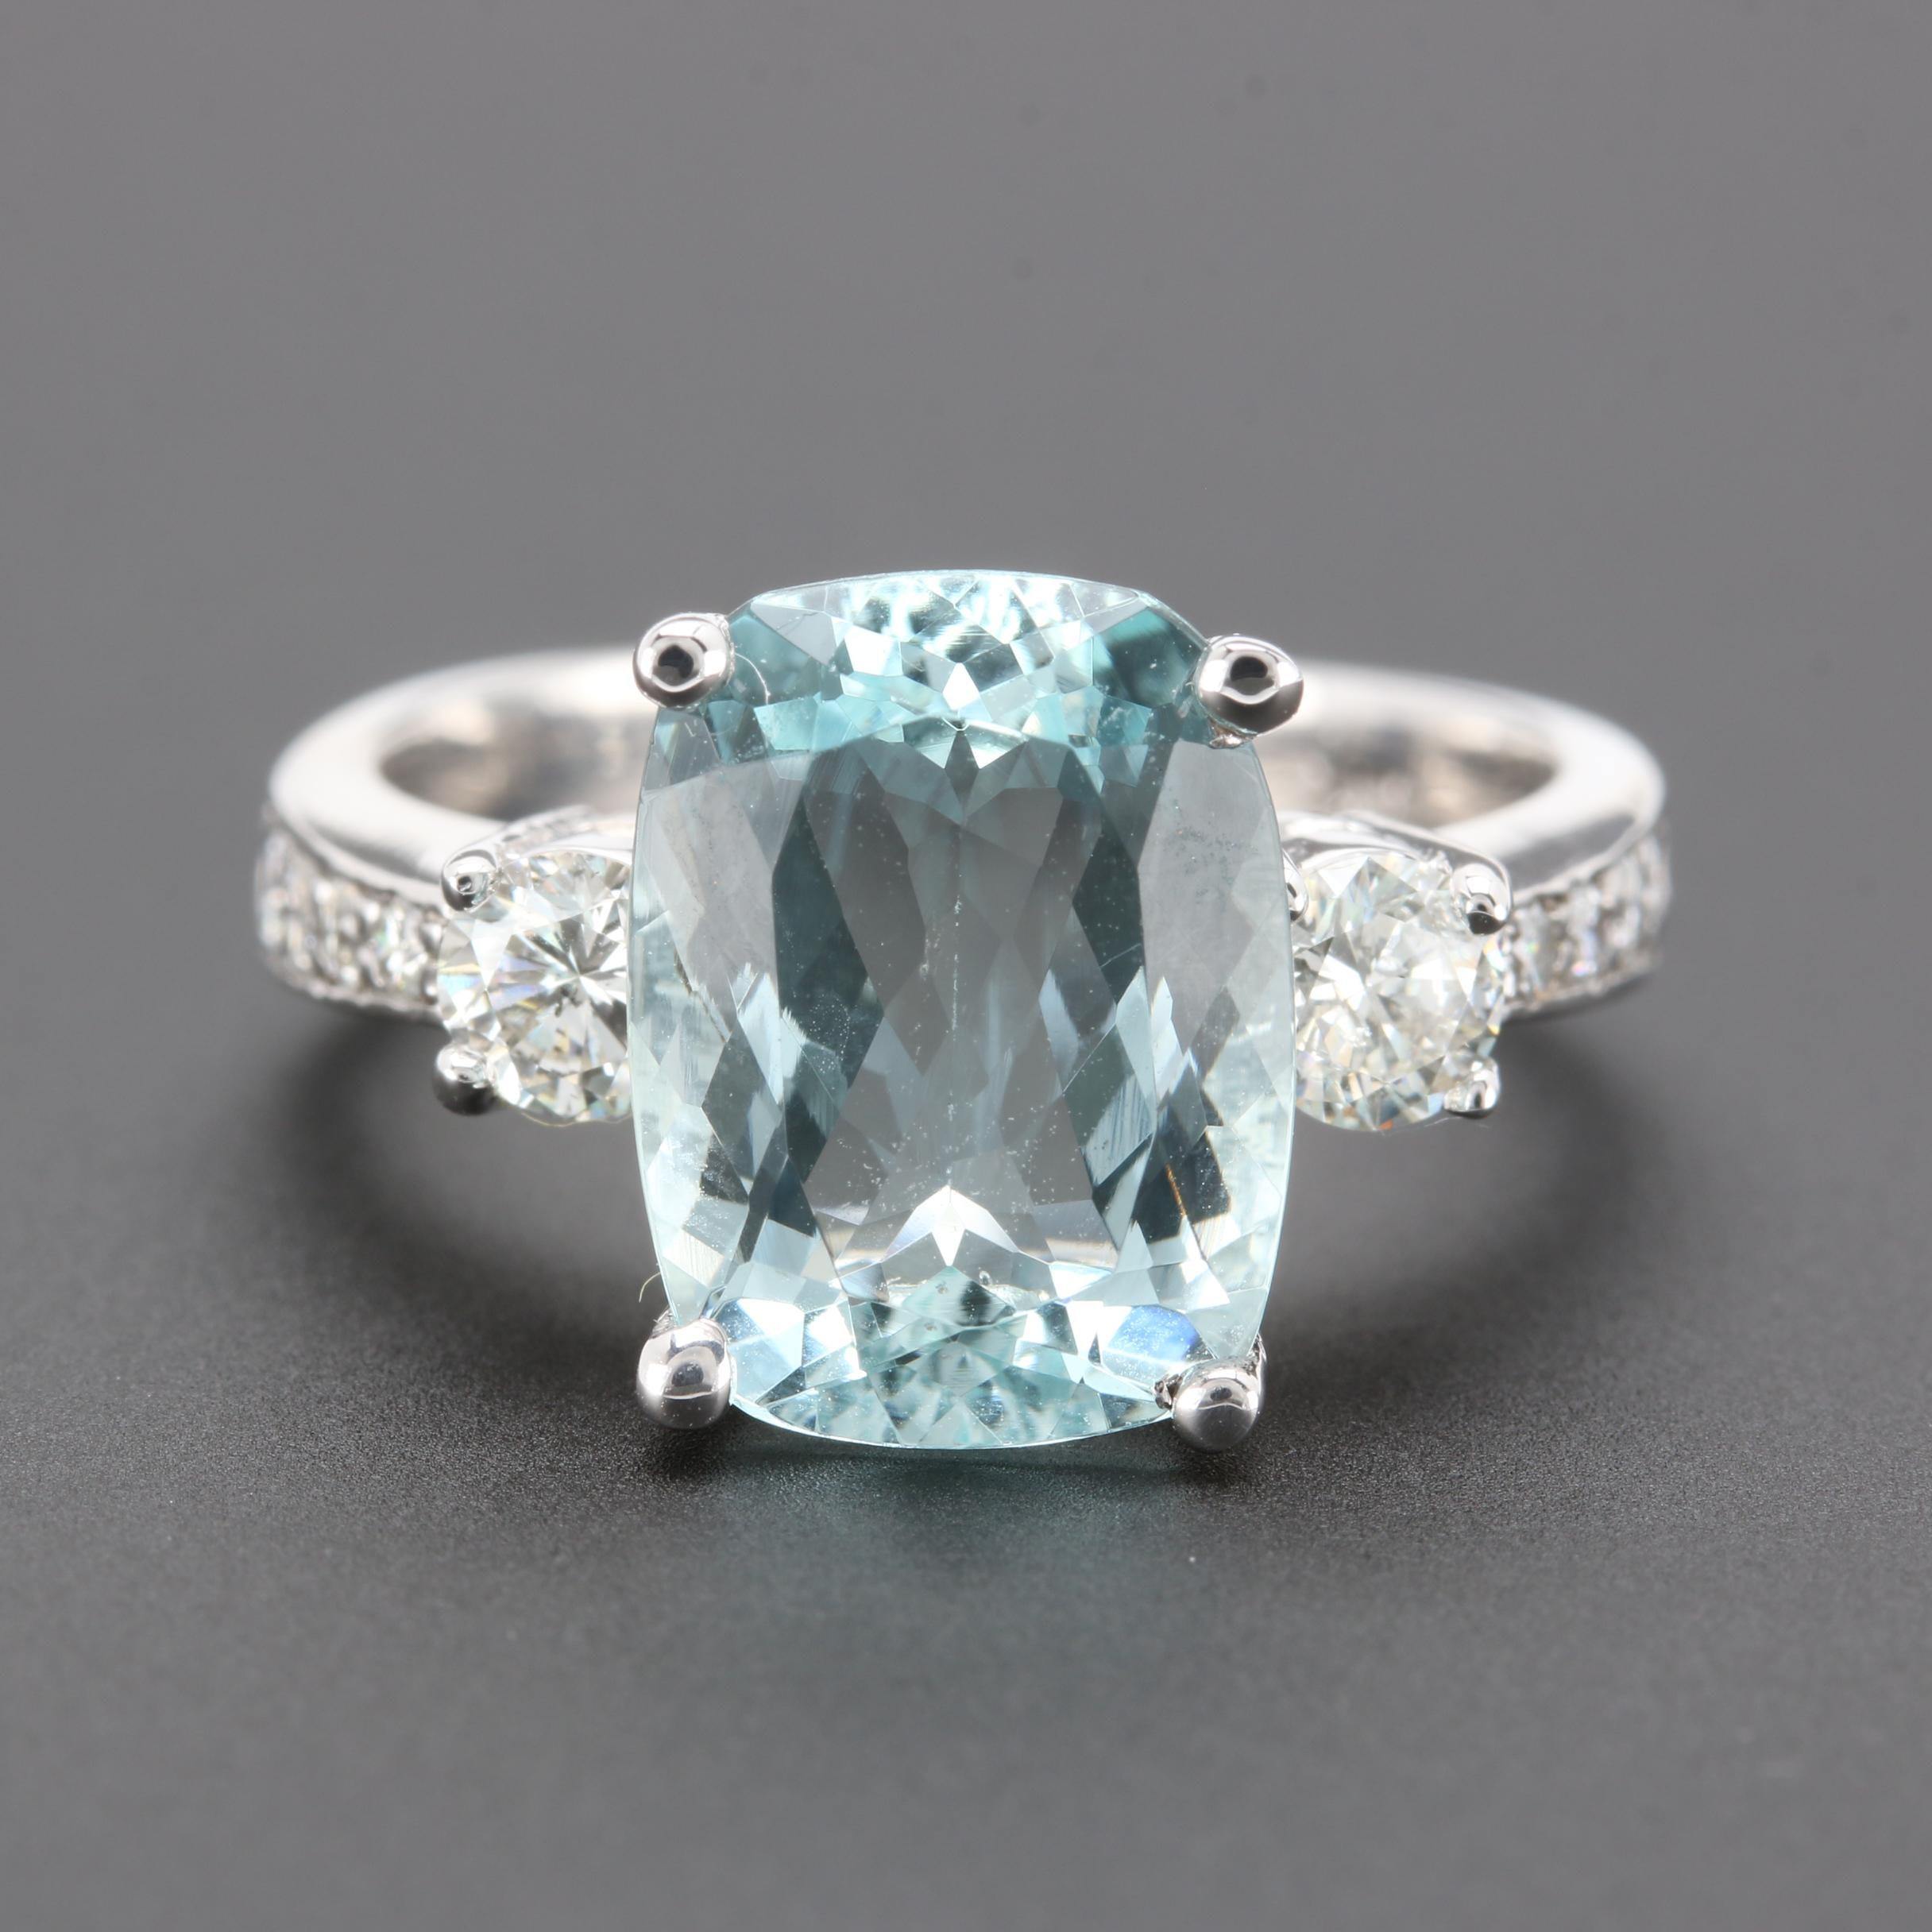 14K White Gold 3.61 CT Aquamarine and Diamond Ring